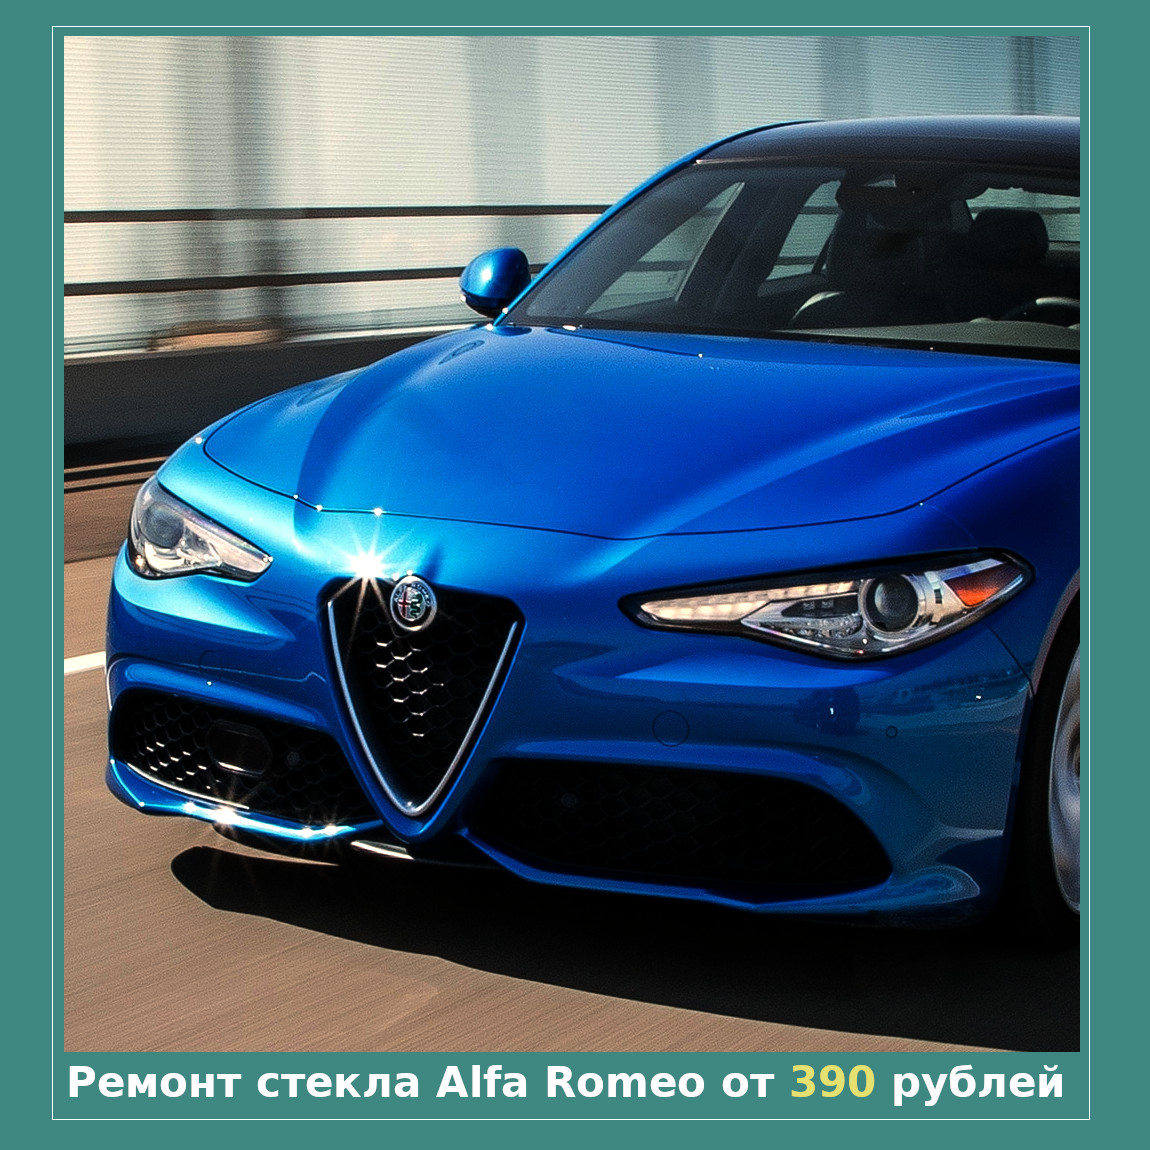 Ремонт стекла Alfa Romeo